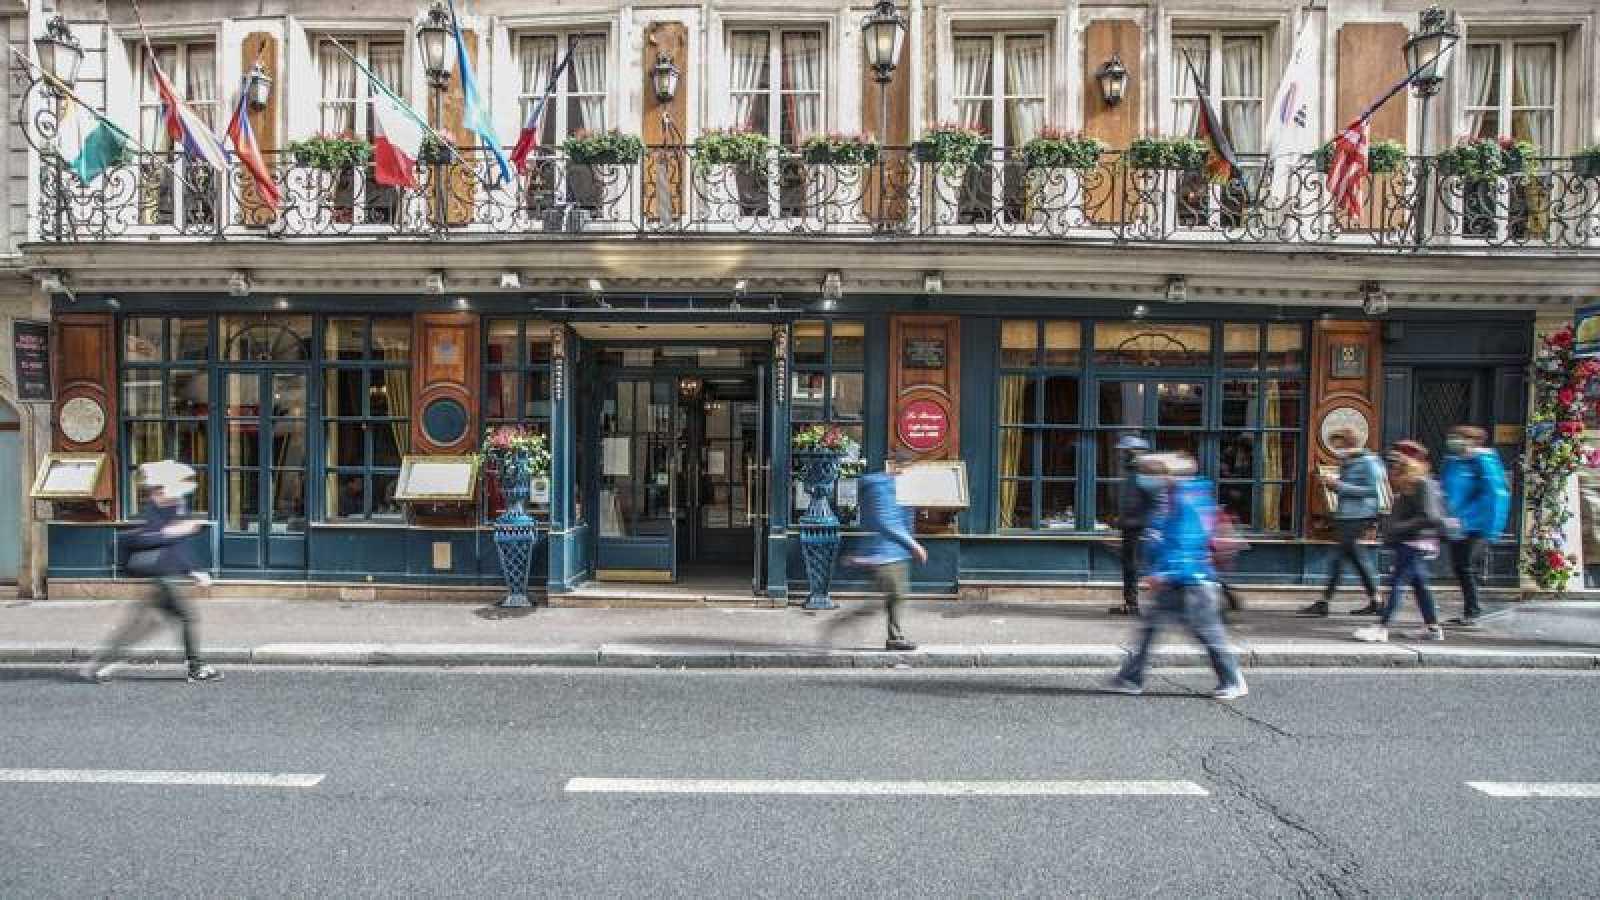 El aumento de casos ha llevado al cierre de bares y cafeterías en París.